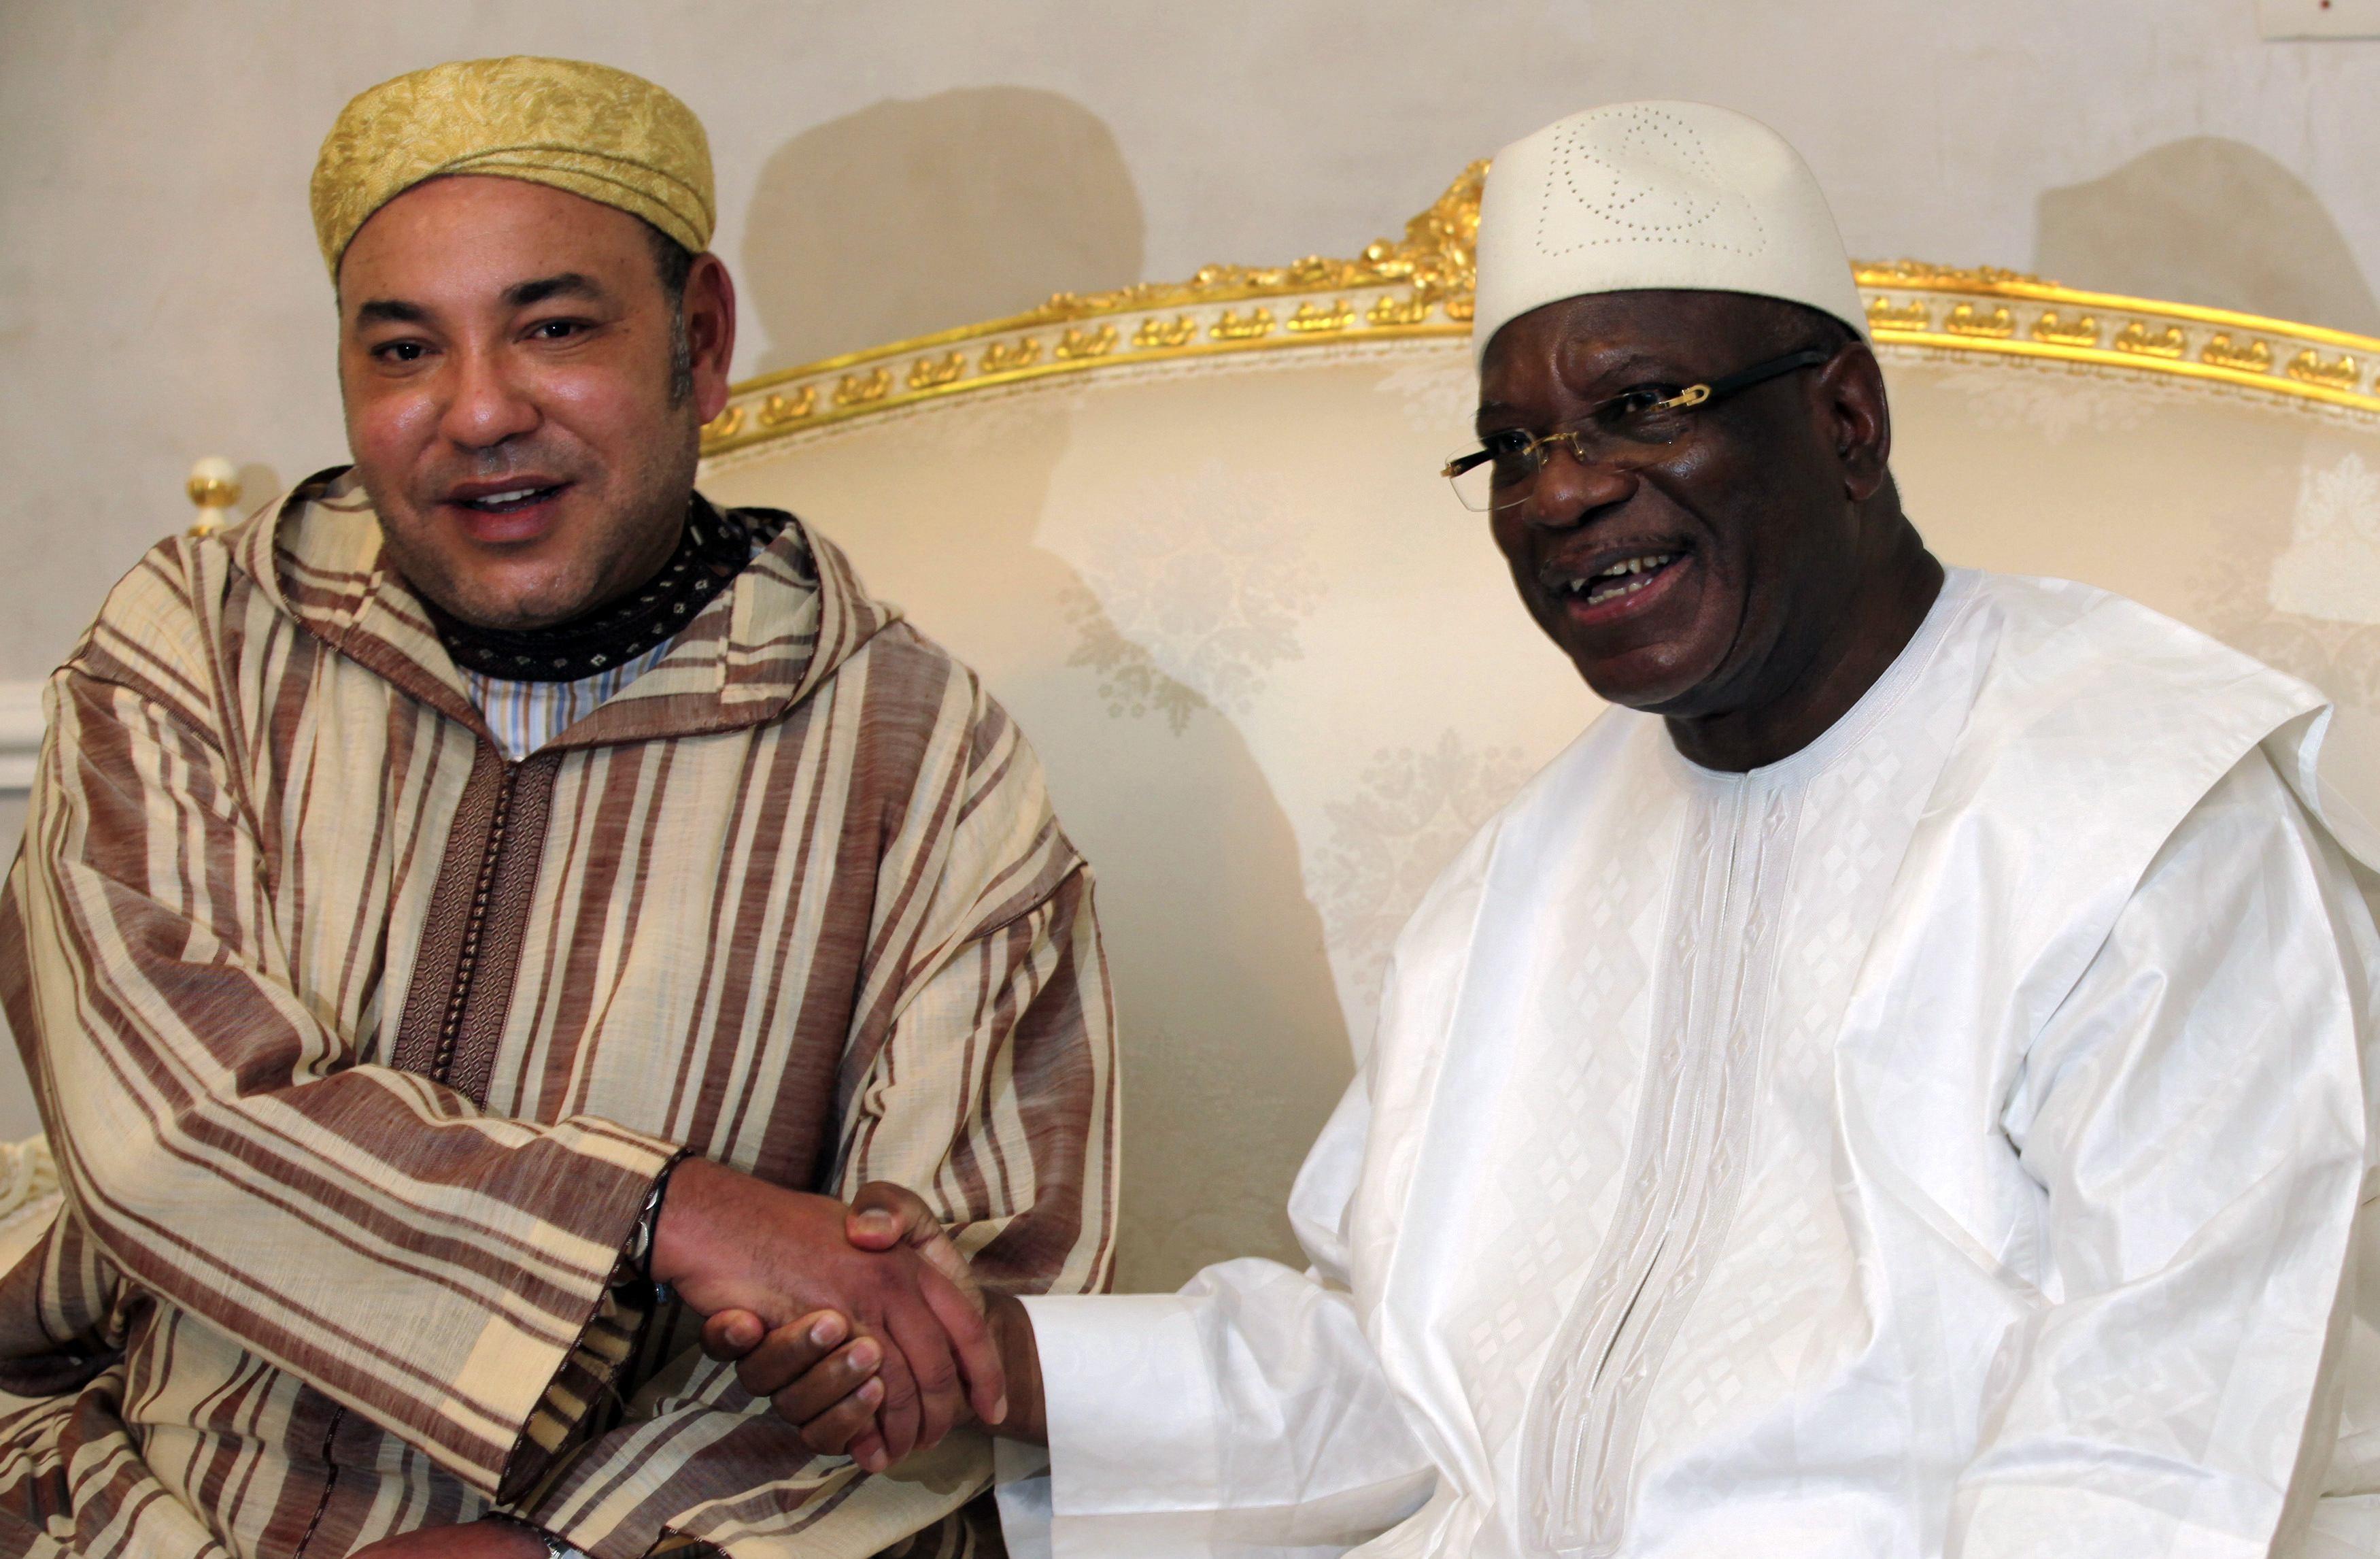 خبير أمريكي: المغرب شريك لديه القدرة والإرادة للتأثير في إفريقيا